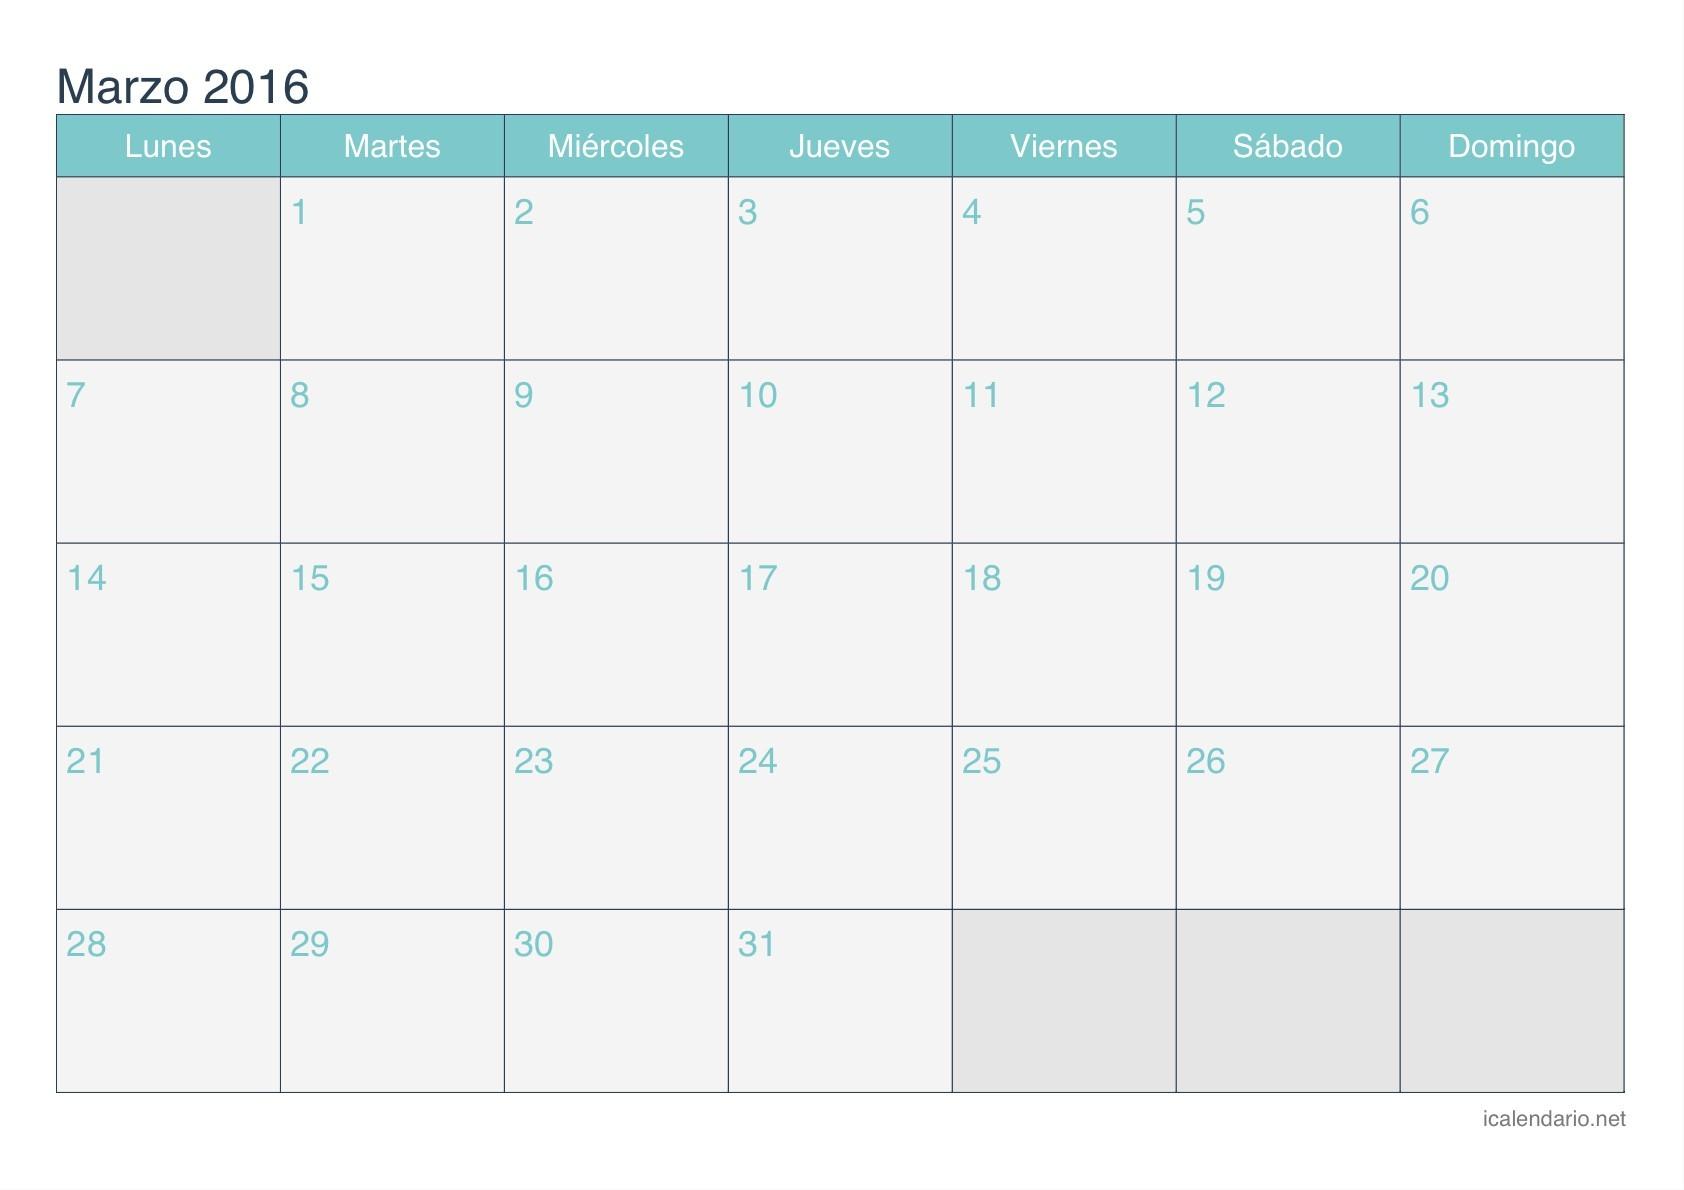 Calendario de marzo 2016 turquesa Calendario de marzo 2016 turquesa